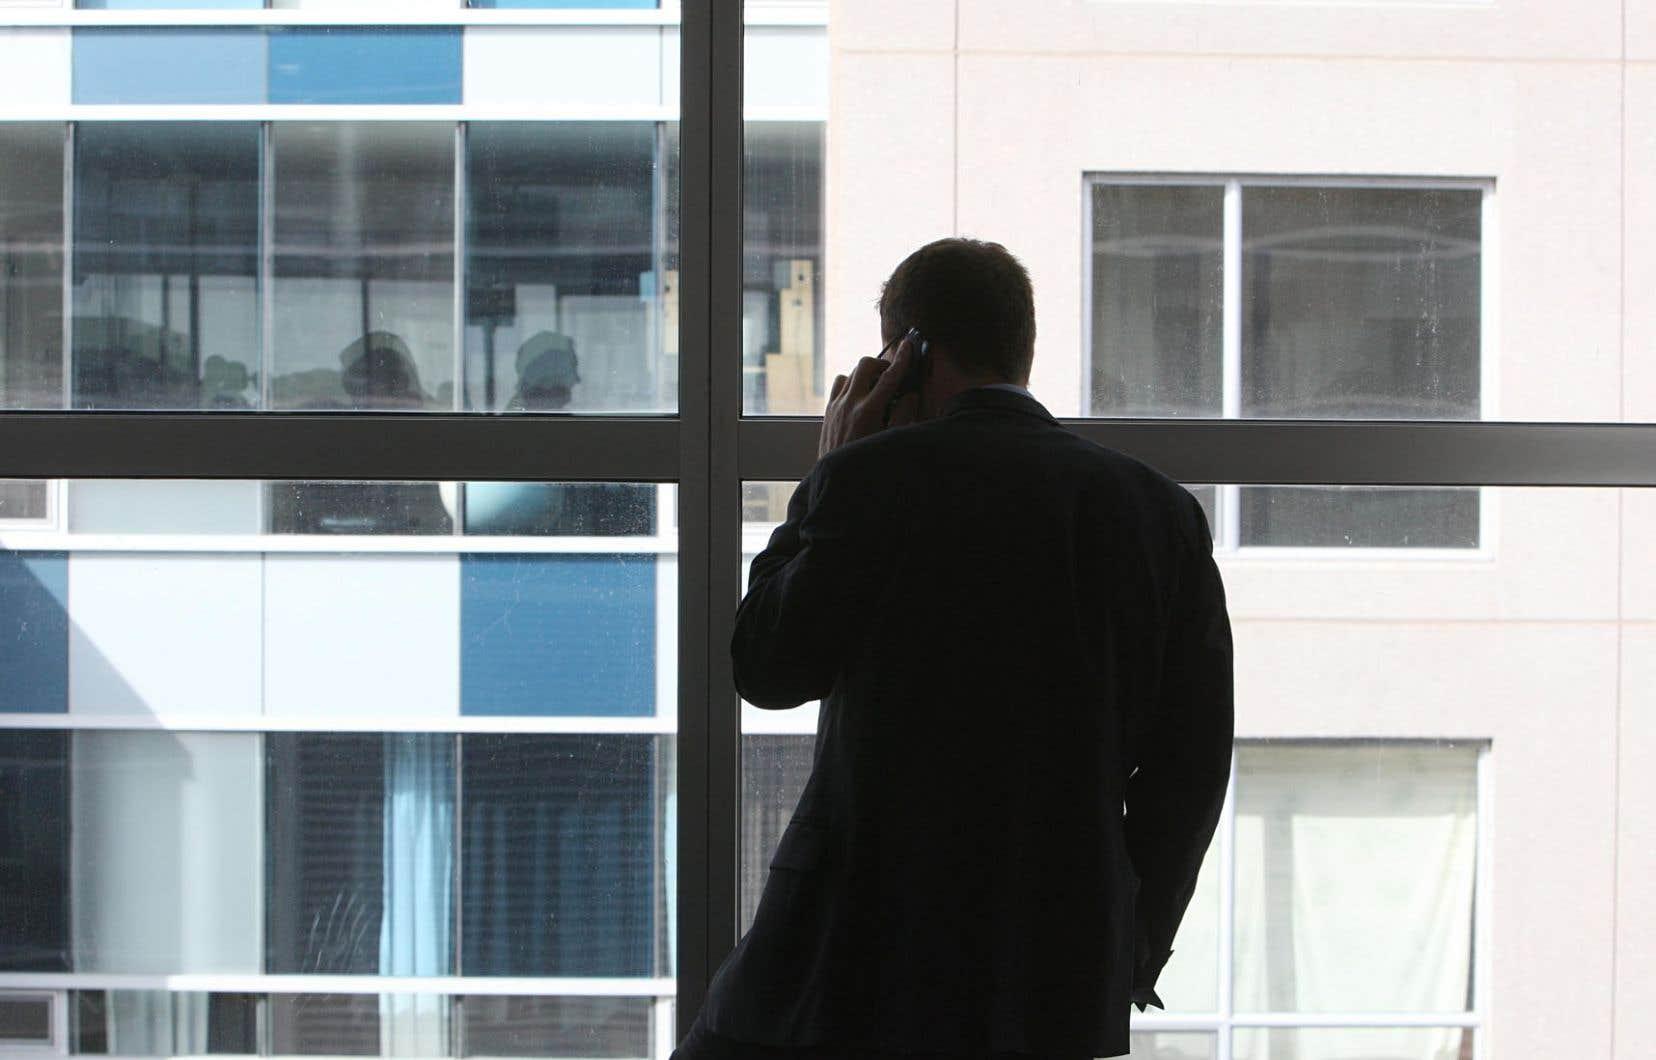 Le programme EMBA cible les gens d'affaires d'expérience et en plein emploi.